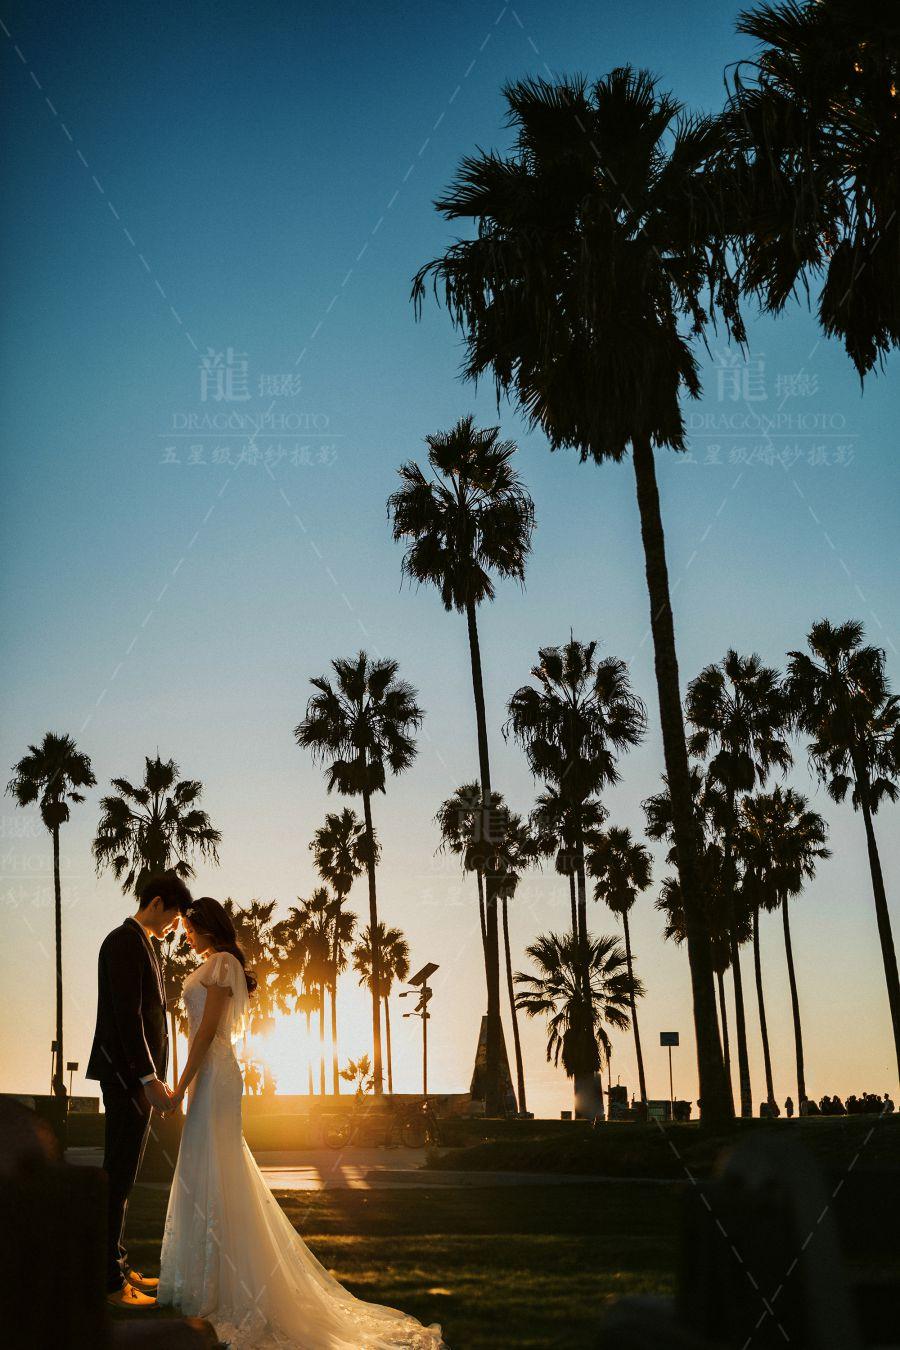 旅行的意义|好莱坞电影特效主题-朝阳尊爵龙摄影有限公司